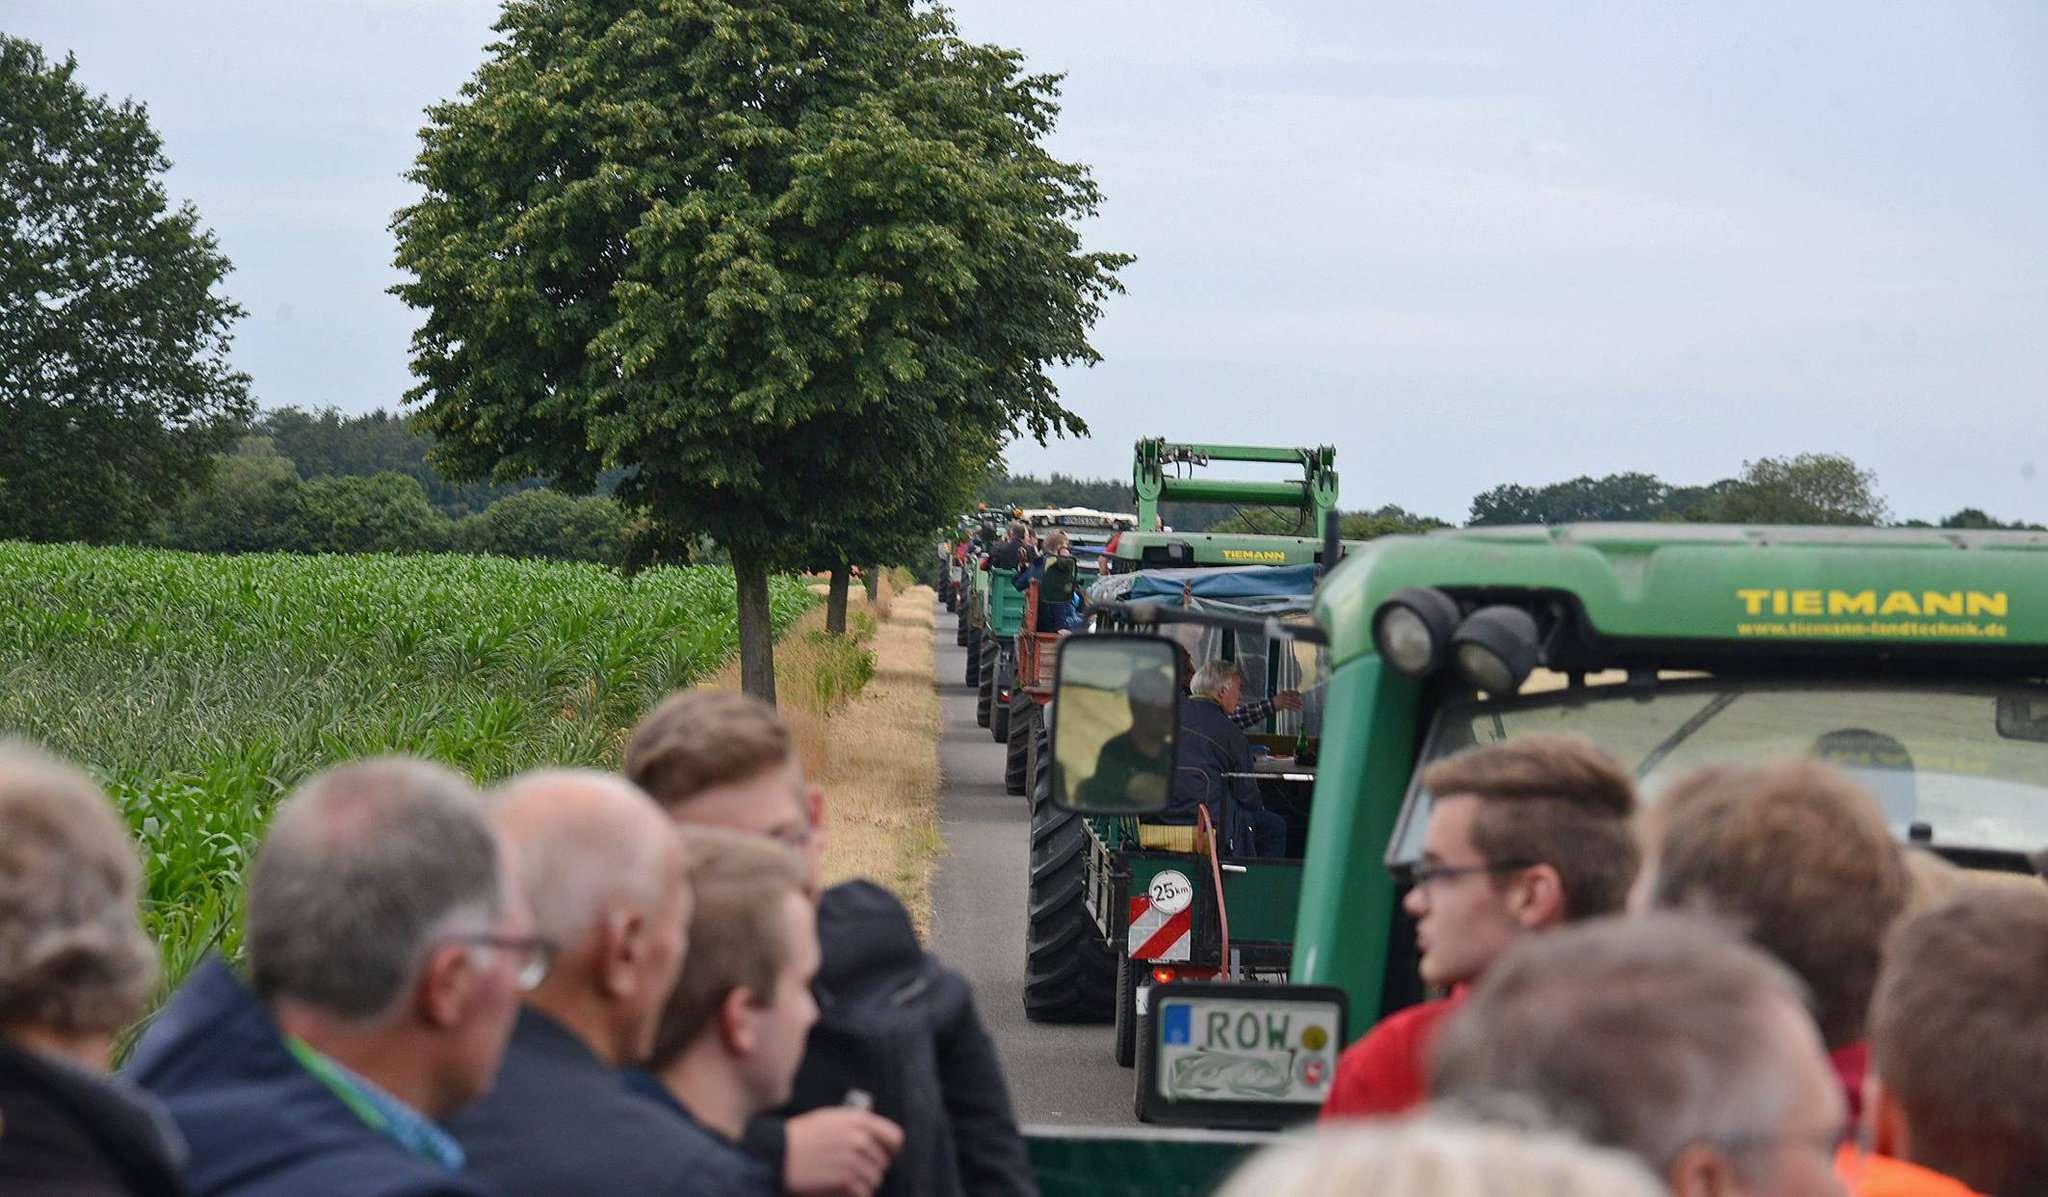 Auf 13 Gespannen reisten die 200 Teilnehmer durch die landwirtschaftlich genutzten Flächen in Rotenburg und erfuhren dabei Wissenswertes über die Arbeit auf dem Feld.